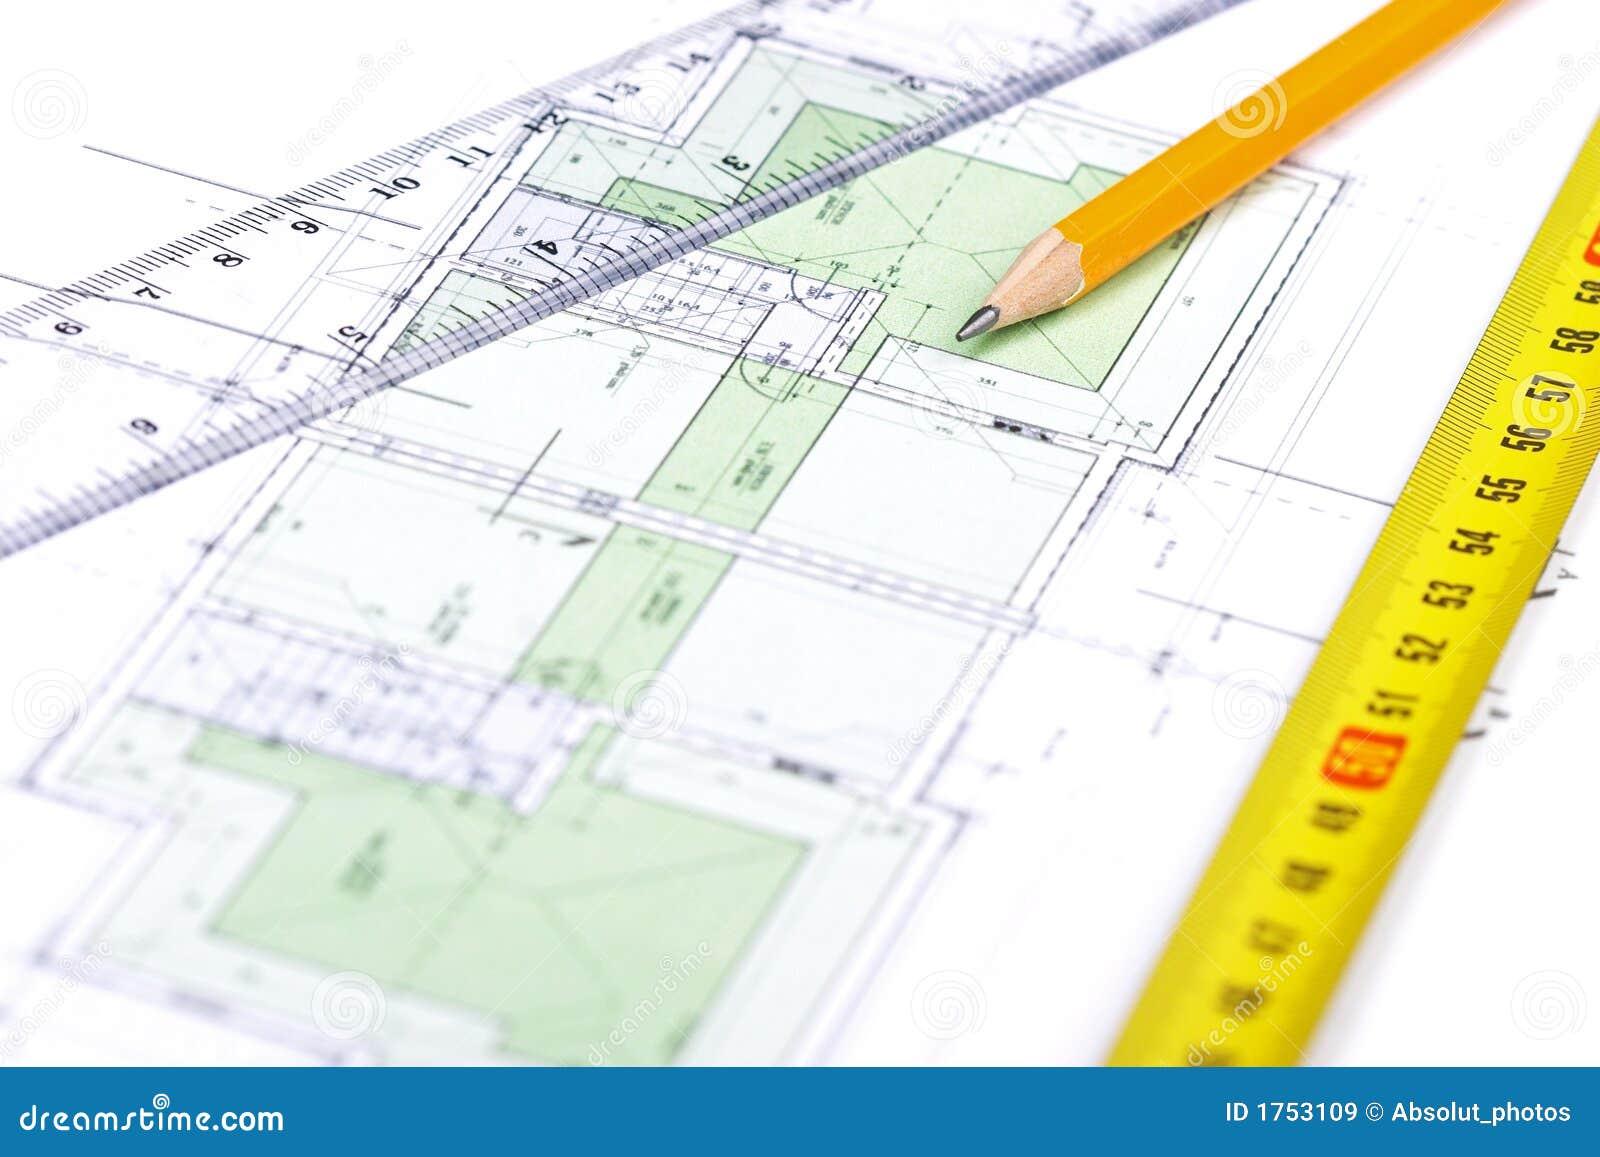 Plan d étage [5]